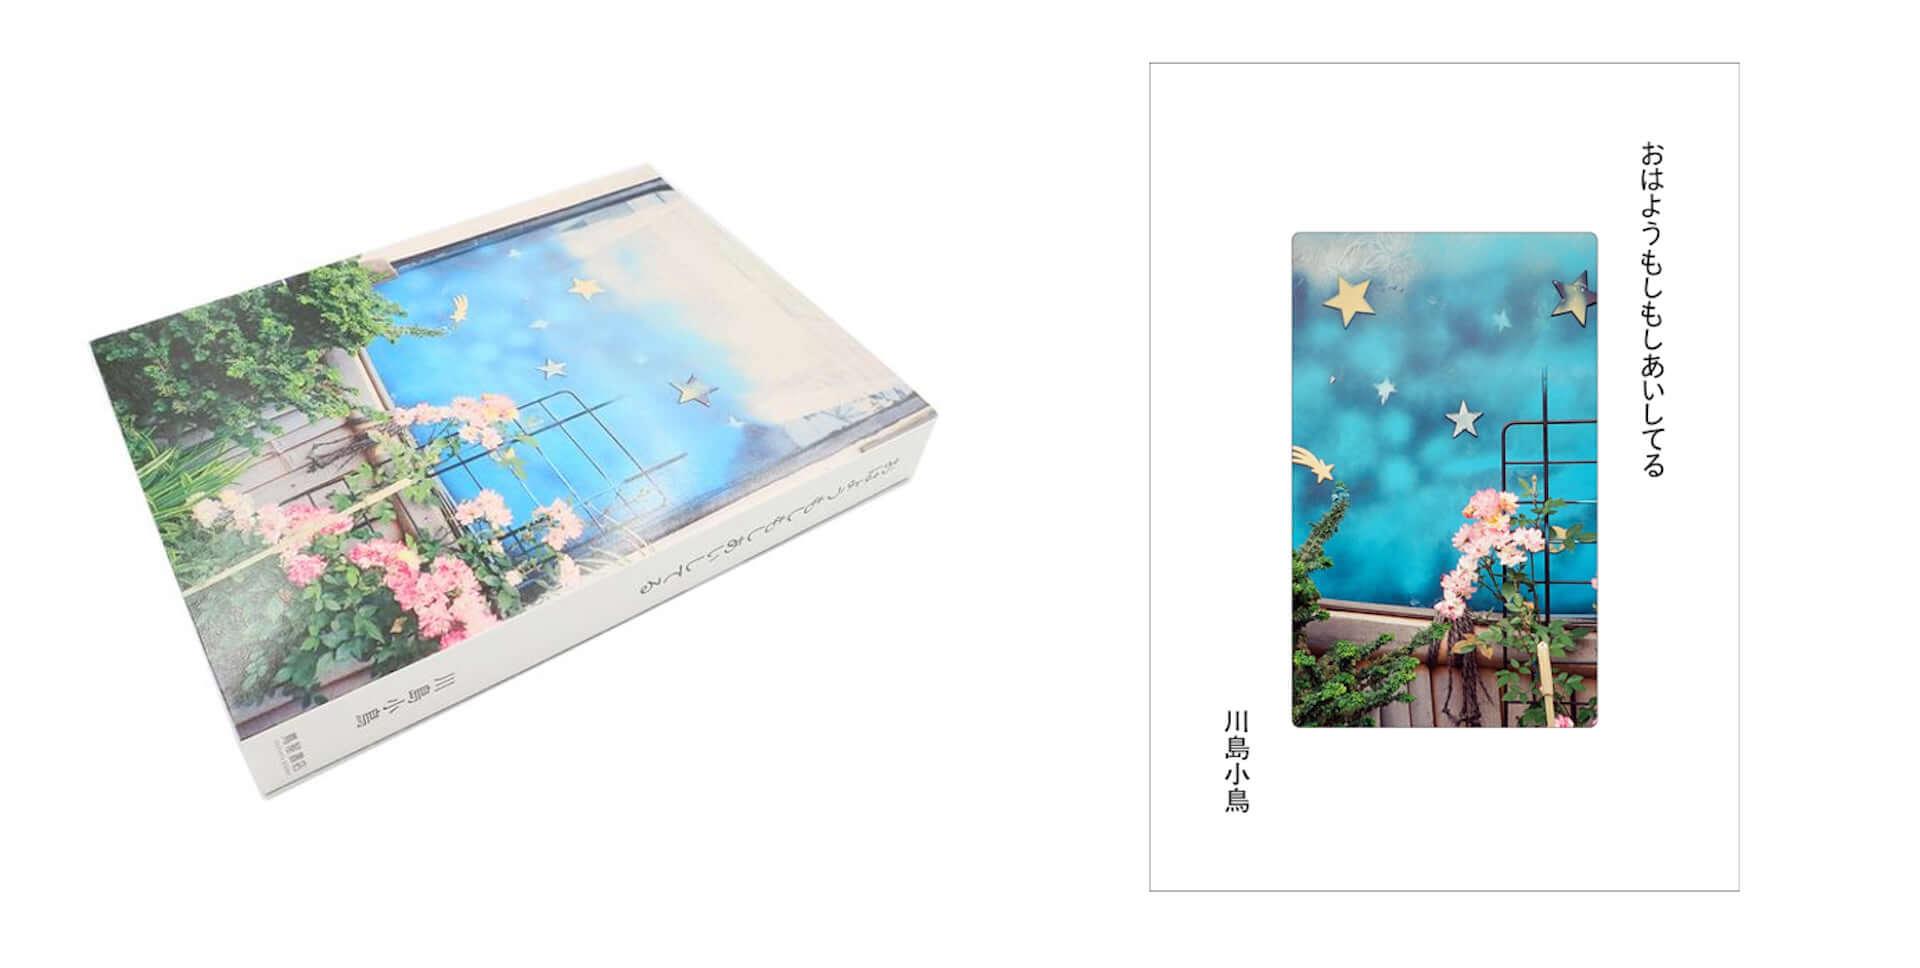 川島小鳥の写真展<おはようもしもしあいしてる>の作品がオンラインでも掲載&販売開始! art200402_kotori_kawashima_4-1920x968